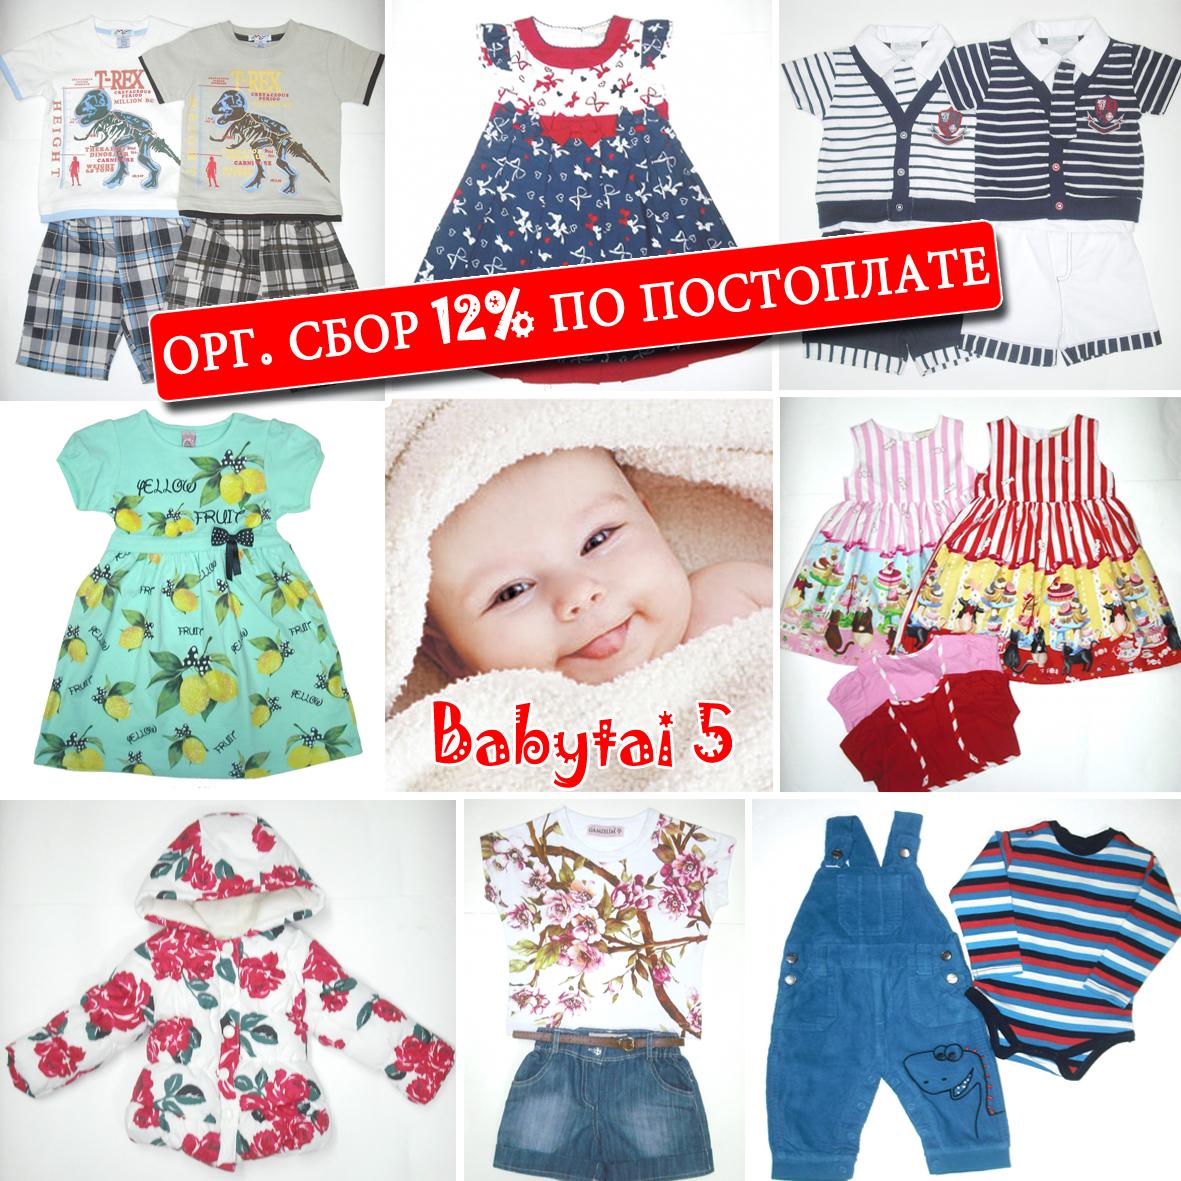 Сбор заказов. Babytai - большой выбор детской одежды от 0 и старше. Утепленные костюмы для малышей. Орг. сбор 12% по постоплате. Распродажа: все по 200, 300, 400 рублей. Выкуп 5